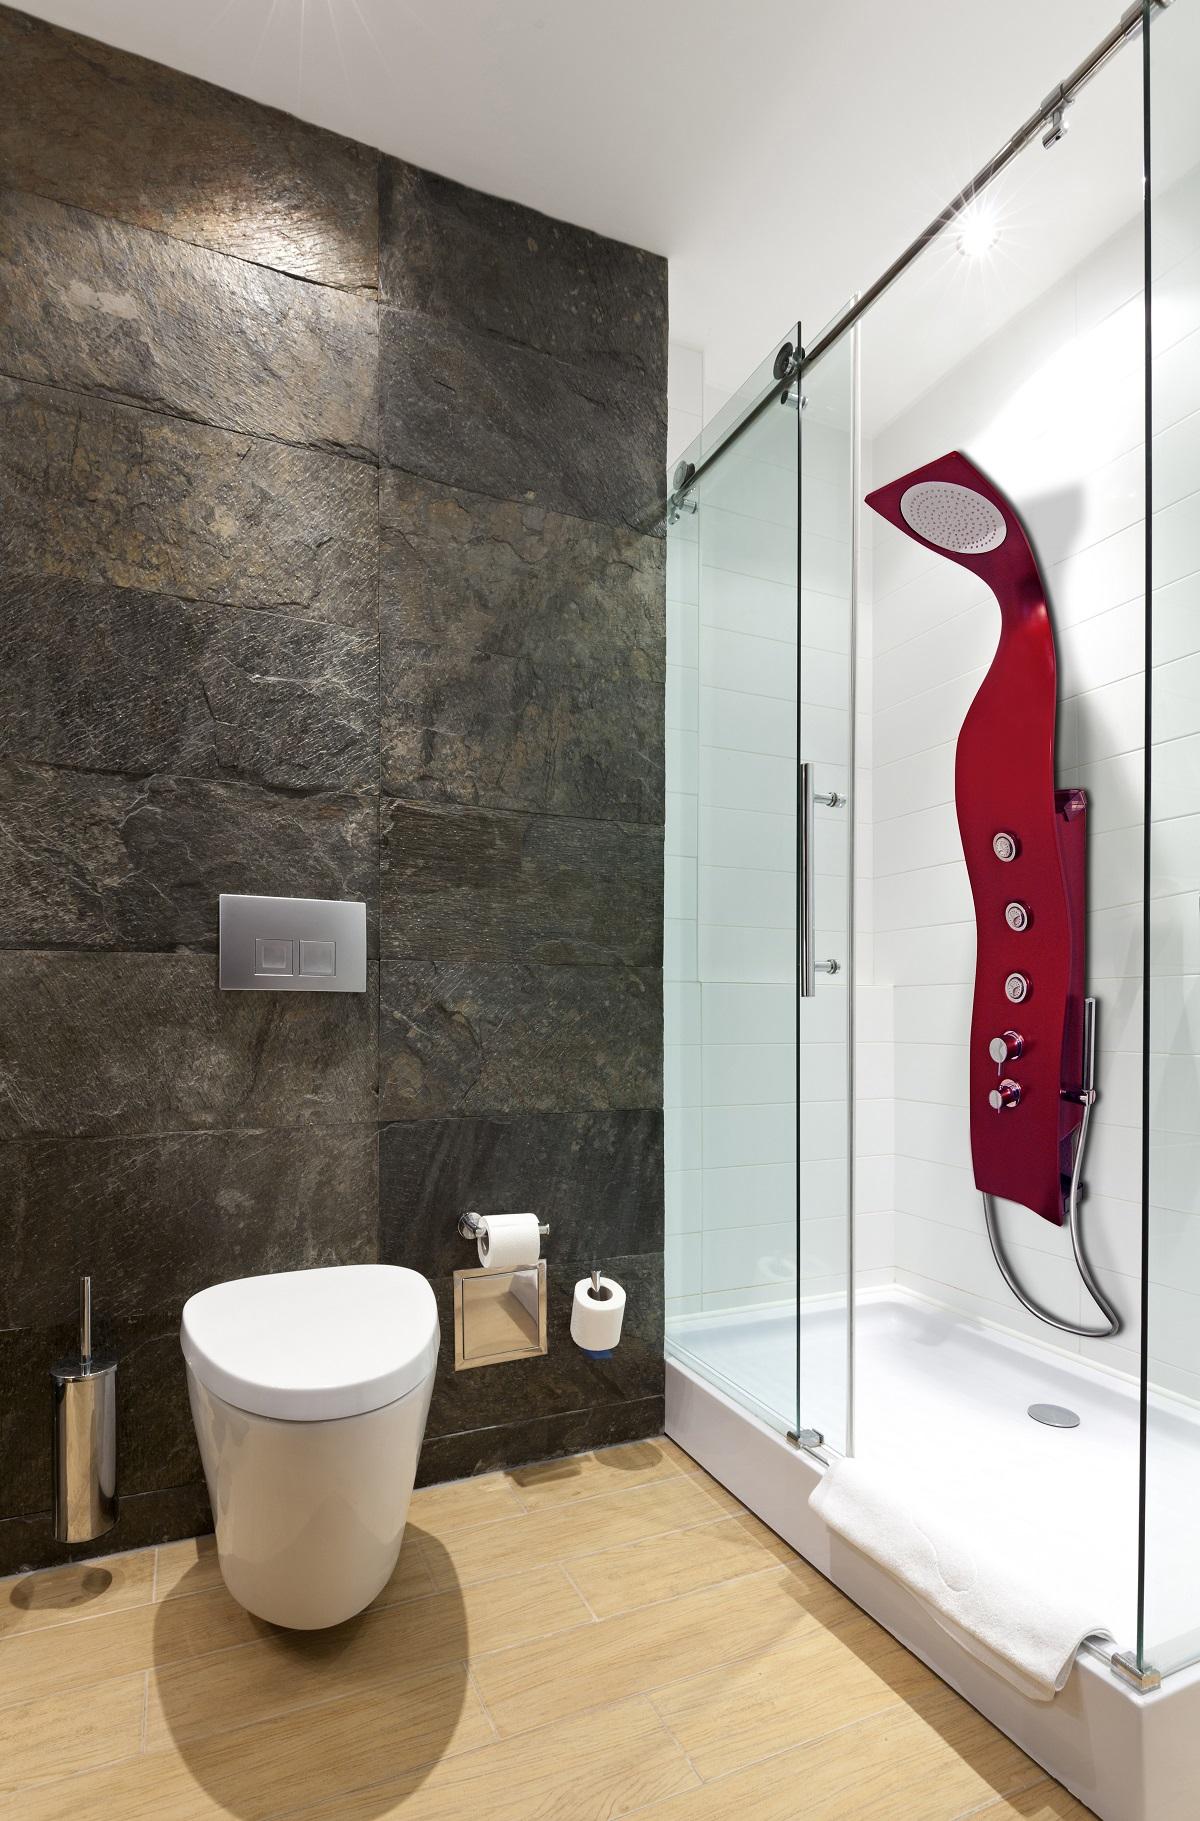 panneau de douche en surface solide elise montage mural par aquatica rouge mat. Black Bedroom Furniture Sets. Home Design Ideas